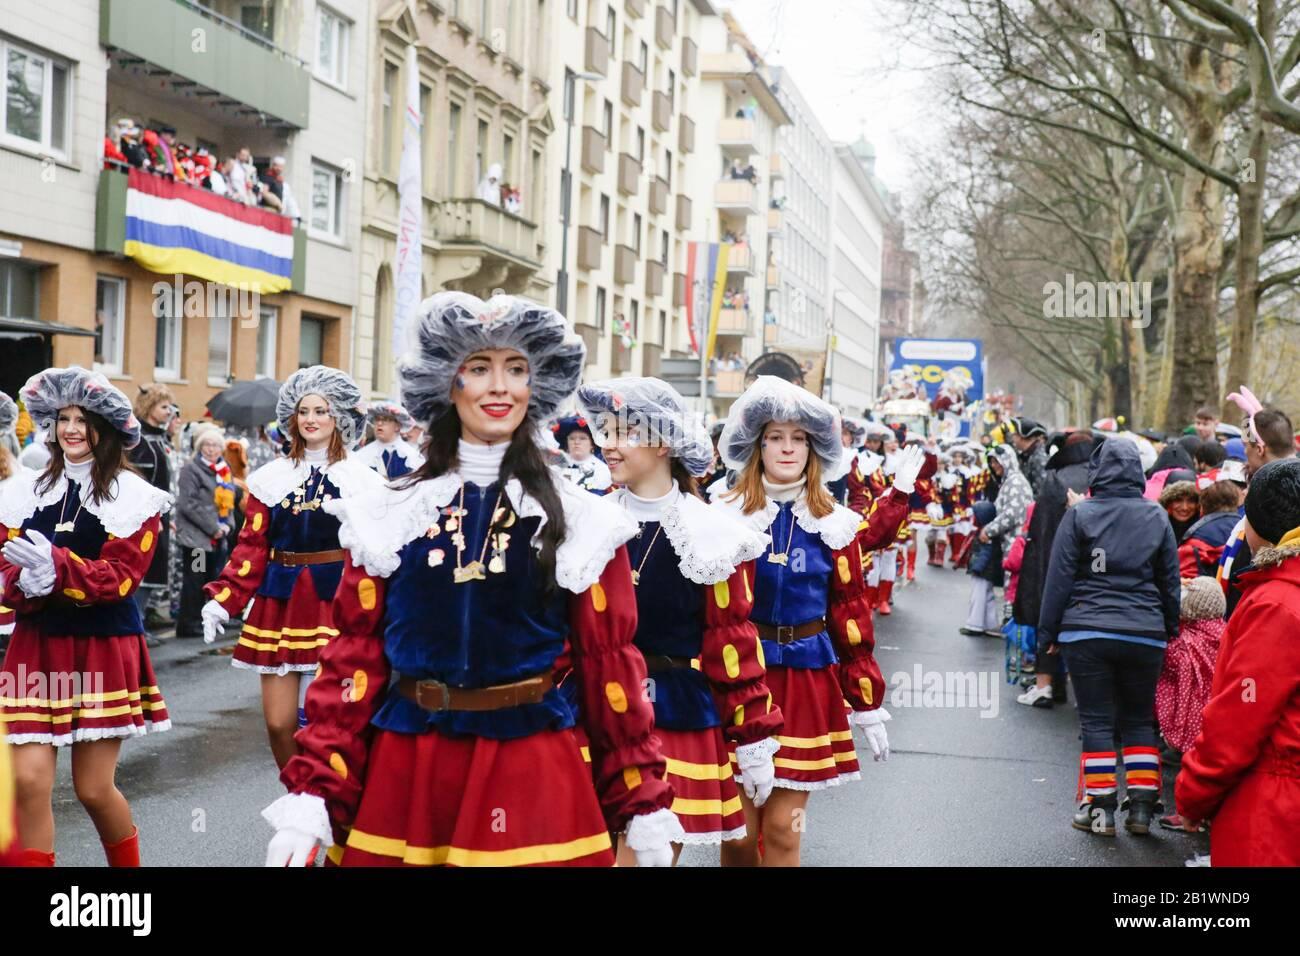 Magonza, Germania. 24th febbraio 2020. I membri del Carneval Club Weisenau Burggrafengarde marzo nella sfilata del lunedì delle Rose di Mainz. Circa mezzo milione di persone hanno fiancheggiato le strade di Magonza per la tradizionale sfilata del Carnevale di Rose Monday. La lunga sfilata di 9 km con oltre 9.000 partecipanti è una delle tre grandi Sfilate del lunedì delle Rose in Germania. Foto Stock